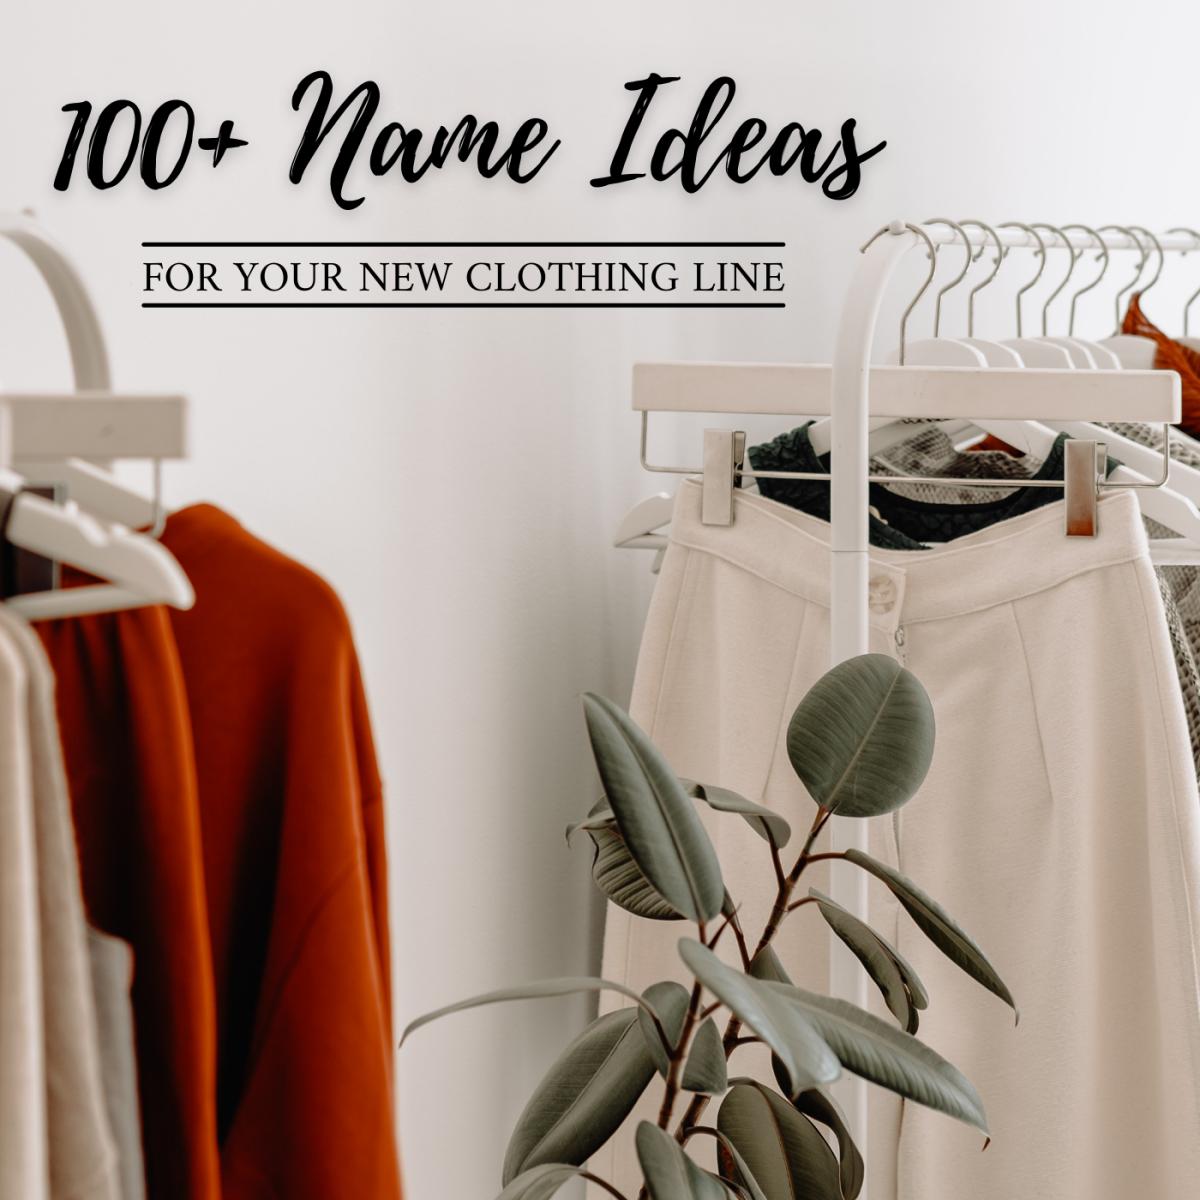 开始服装线时,您的品牌名称就是一切。